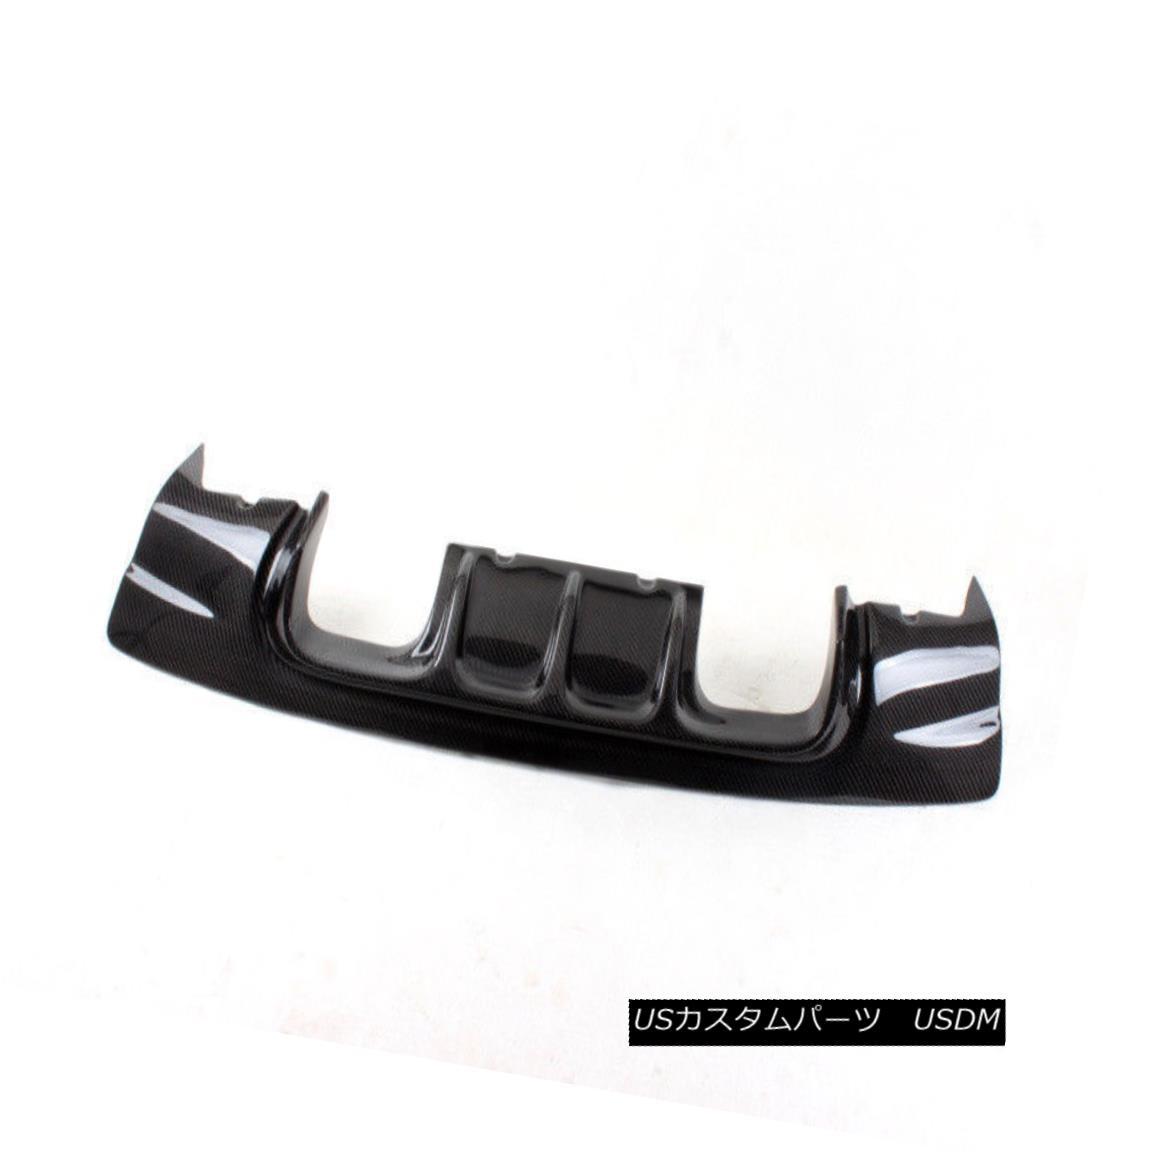 エアロパーツ Carbon Fiber Rear Bumper Diffuser Spoiler Lip Chin Fit For BMW E46 M3 V Style カーボンファイバーリアバンパーディフューザースポイラーリップチンフィットBMW E46 M3 Vスタイル